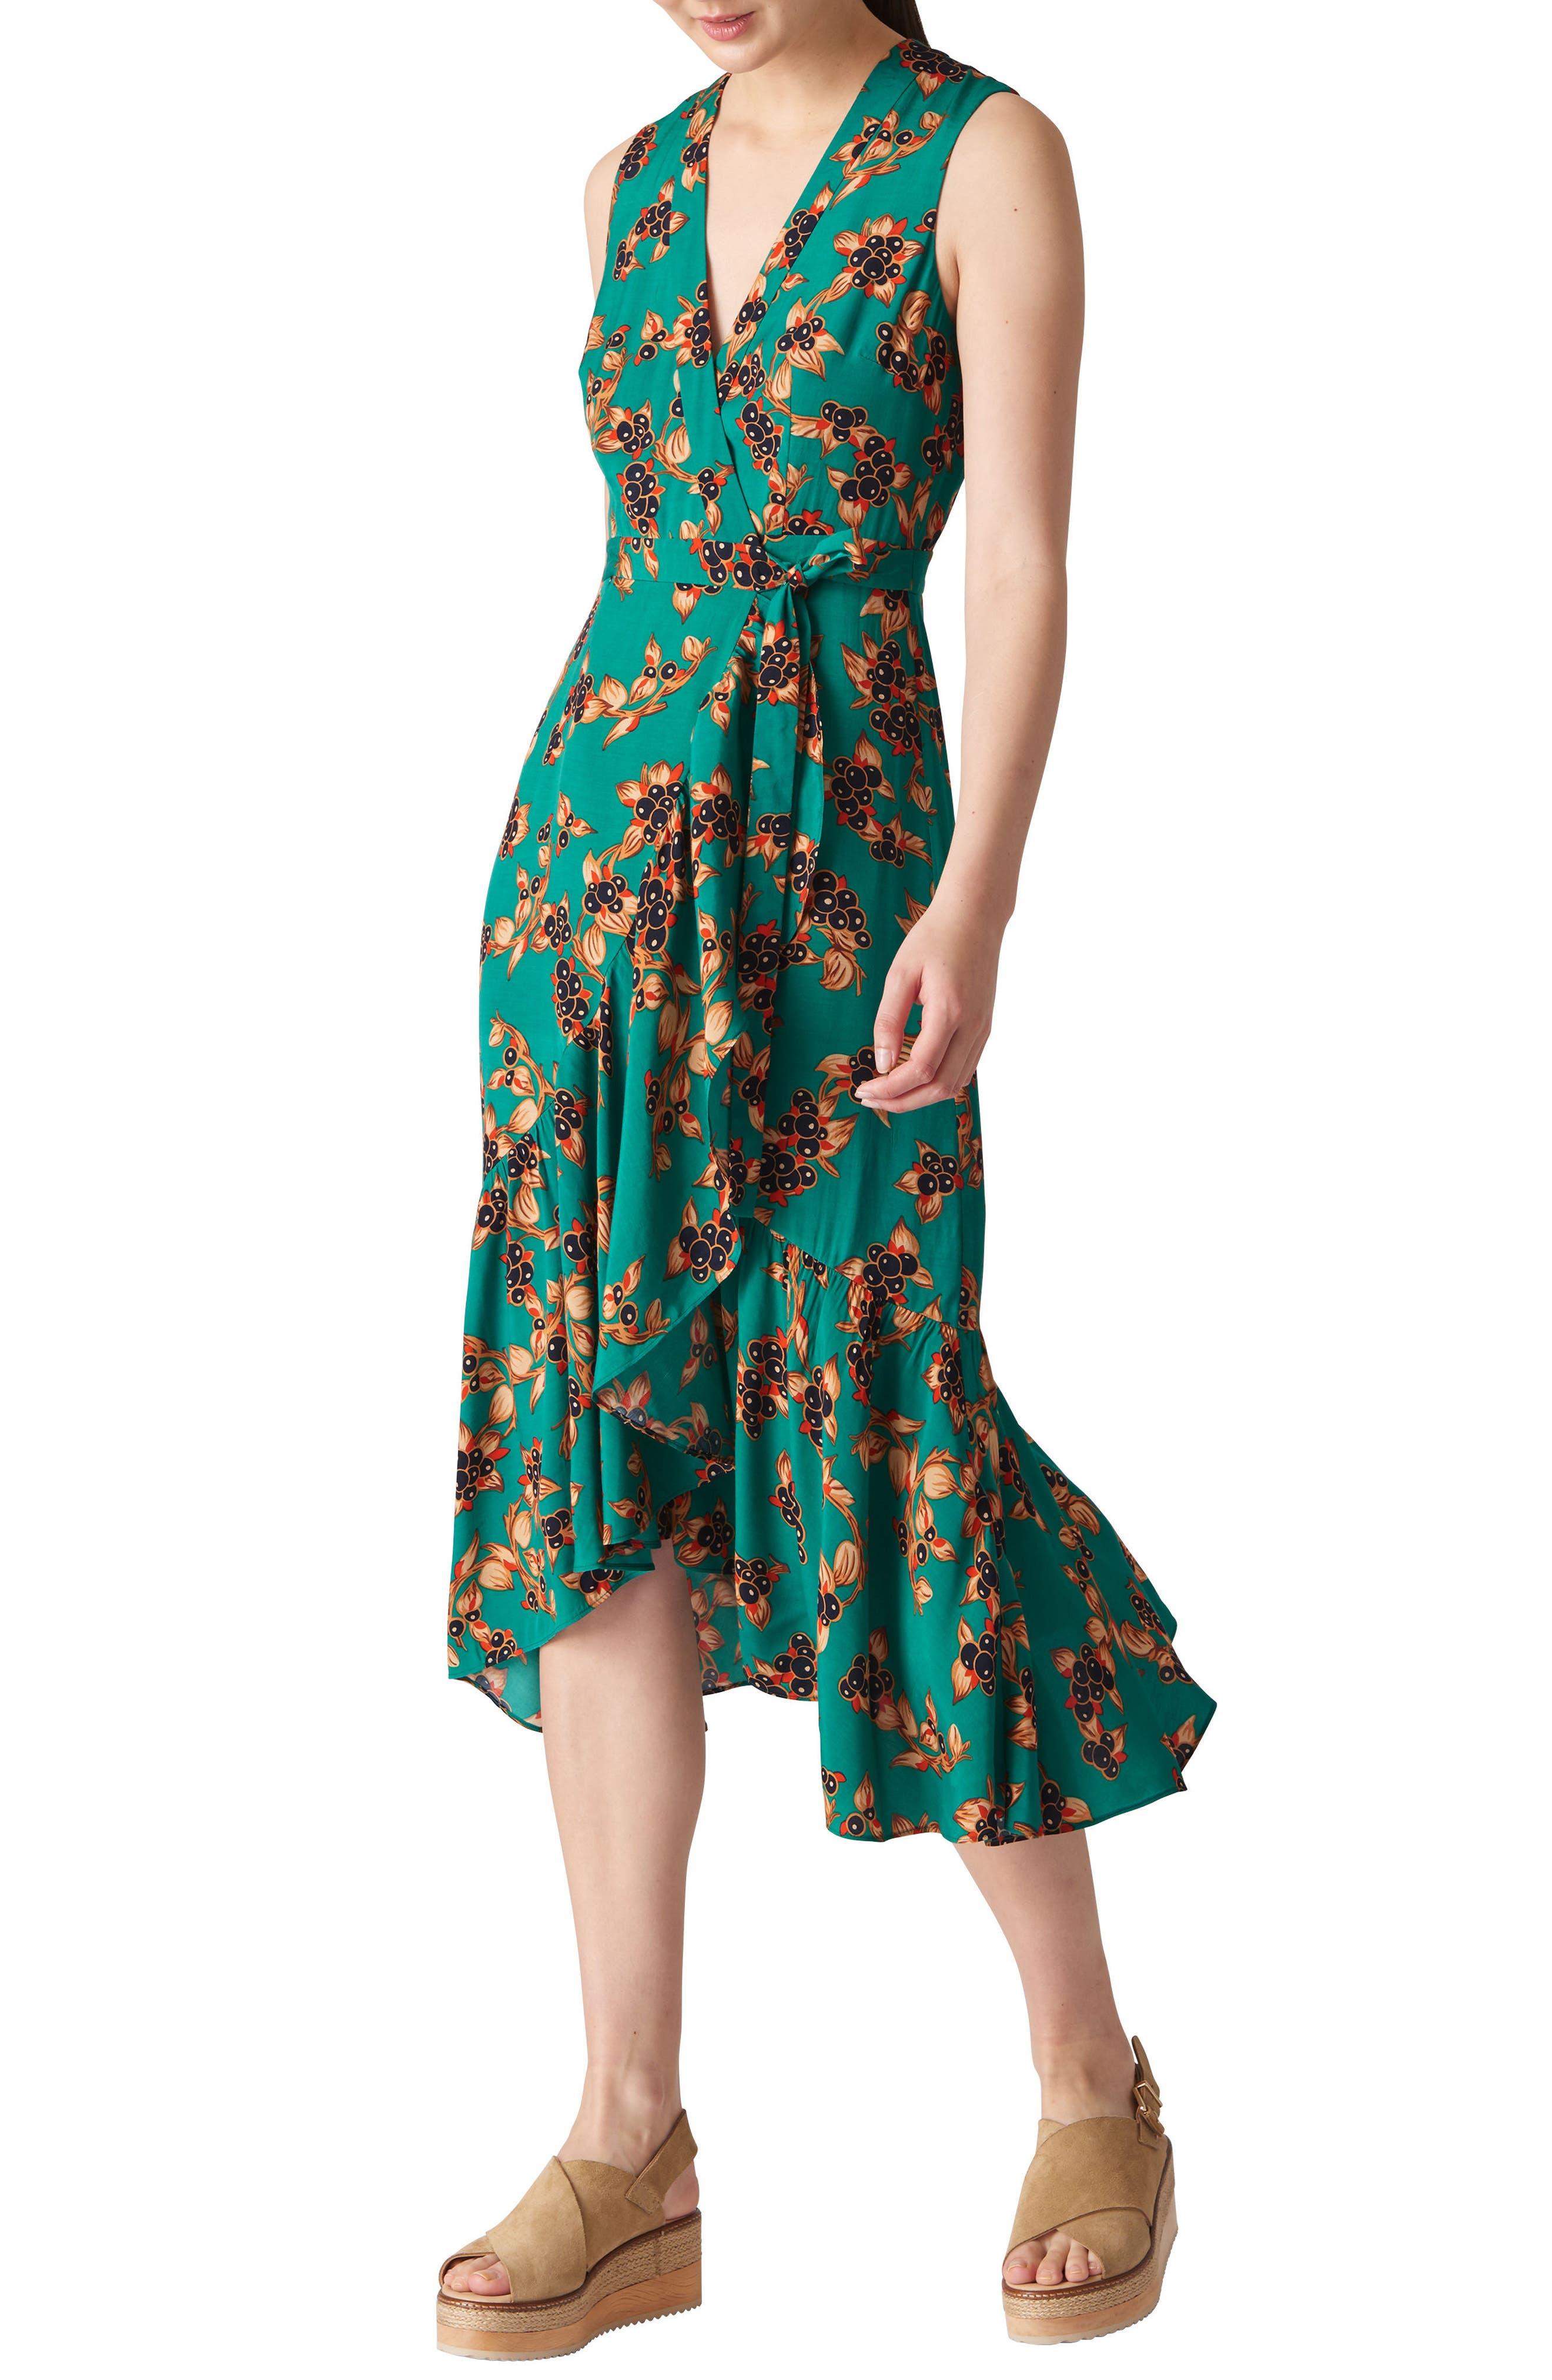 Capri Print Midi Wrap Dress,                             Main thumbnail 1, color,                             Green/ Multi